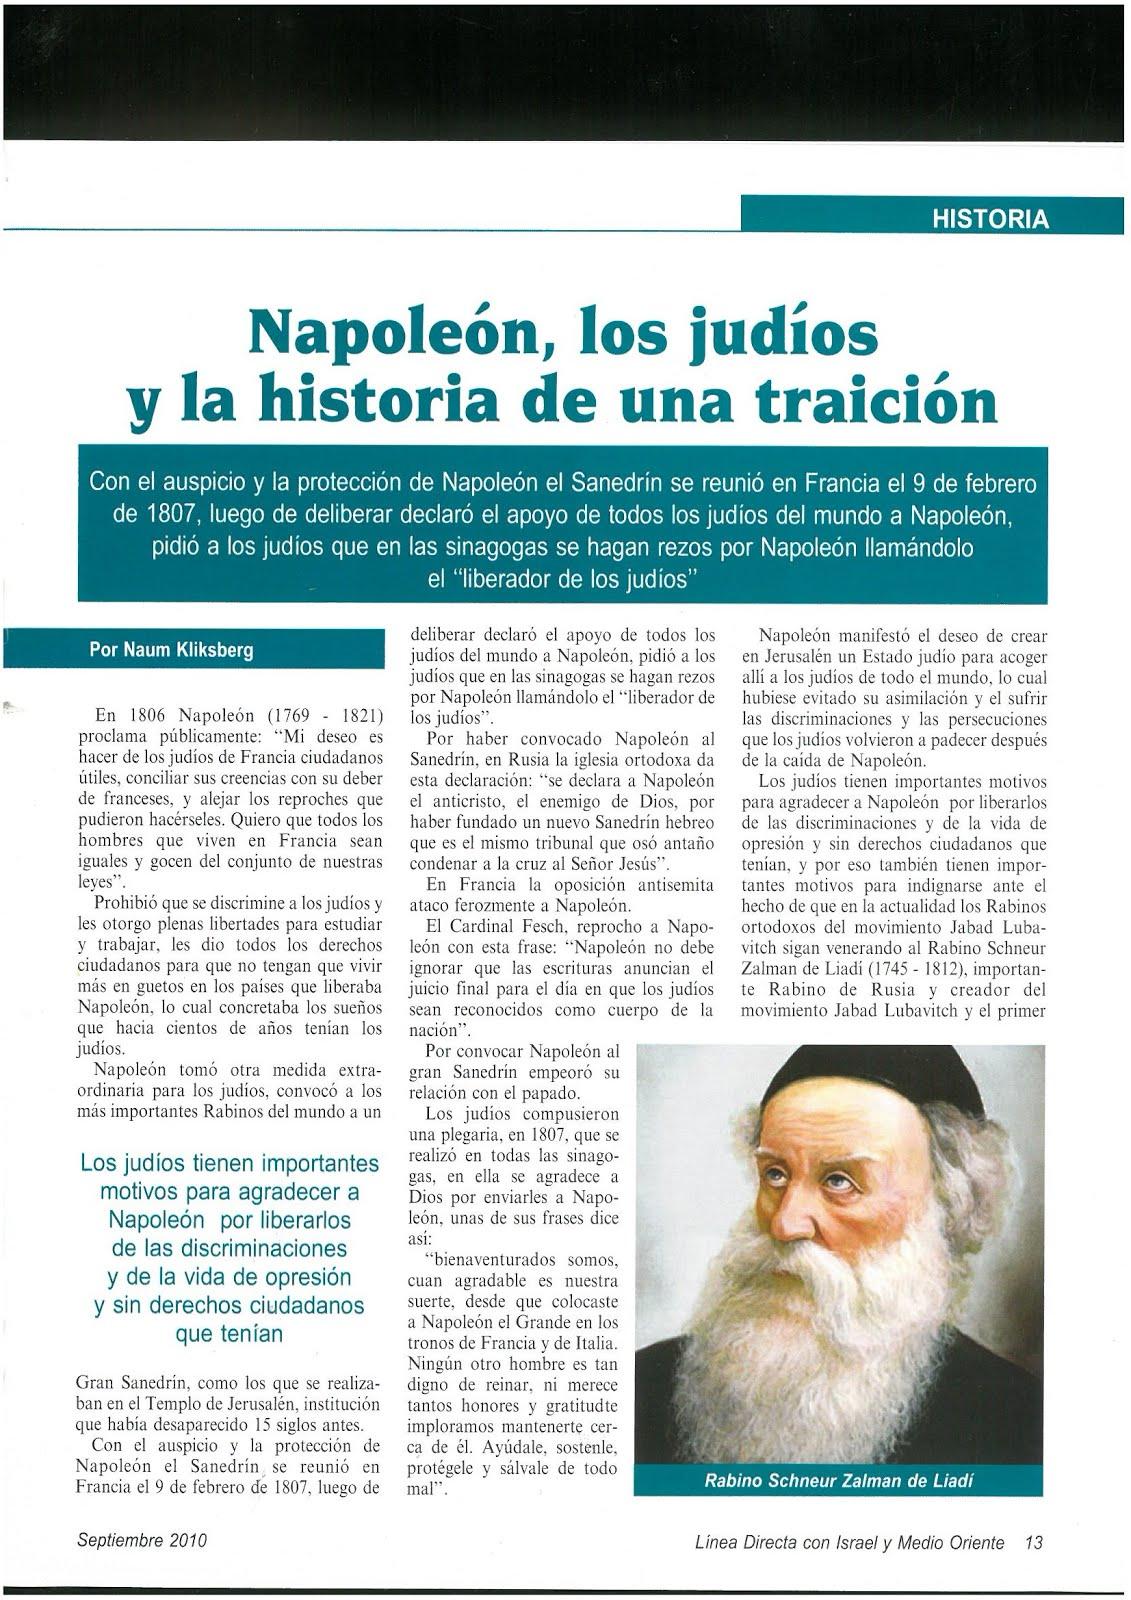 50 - Revista Israelí Linea Directa con Israel y Medio Oriente.09/2010. Artículo de Naum Kliksberg.